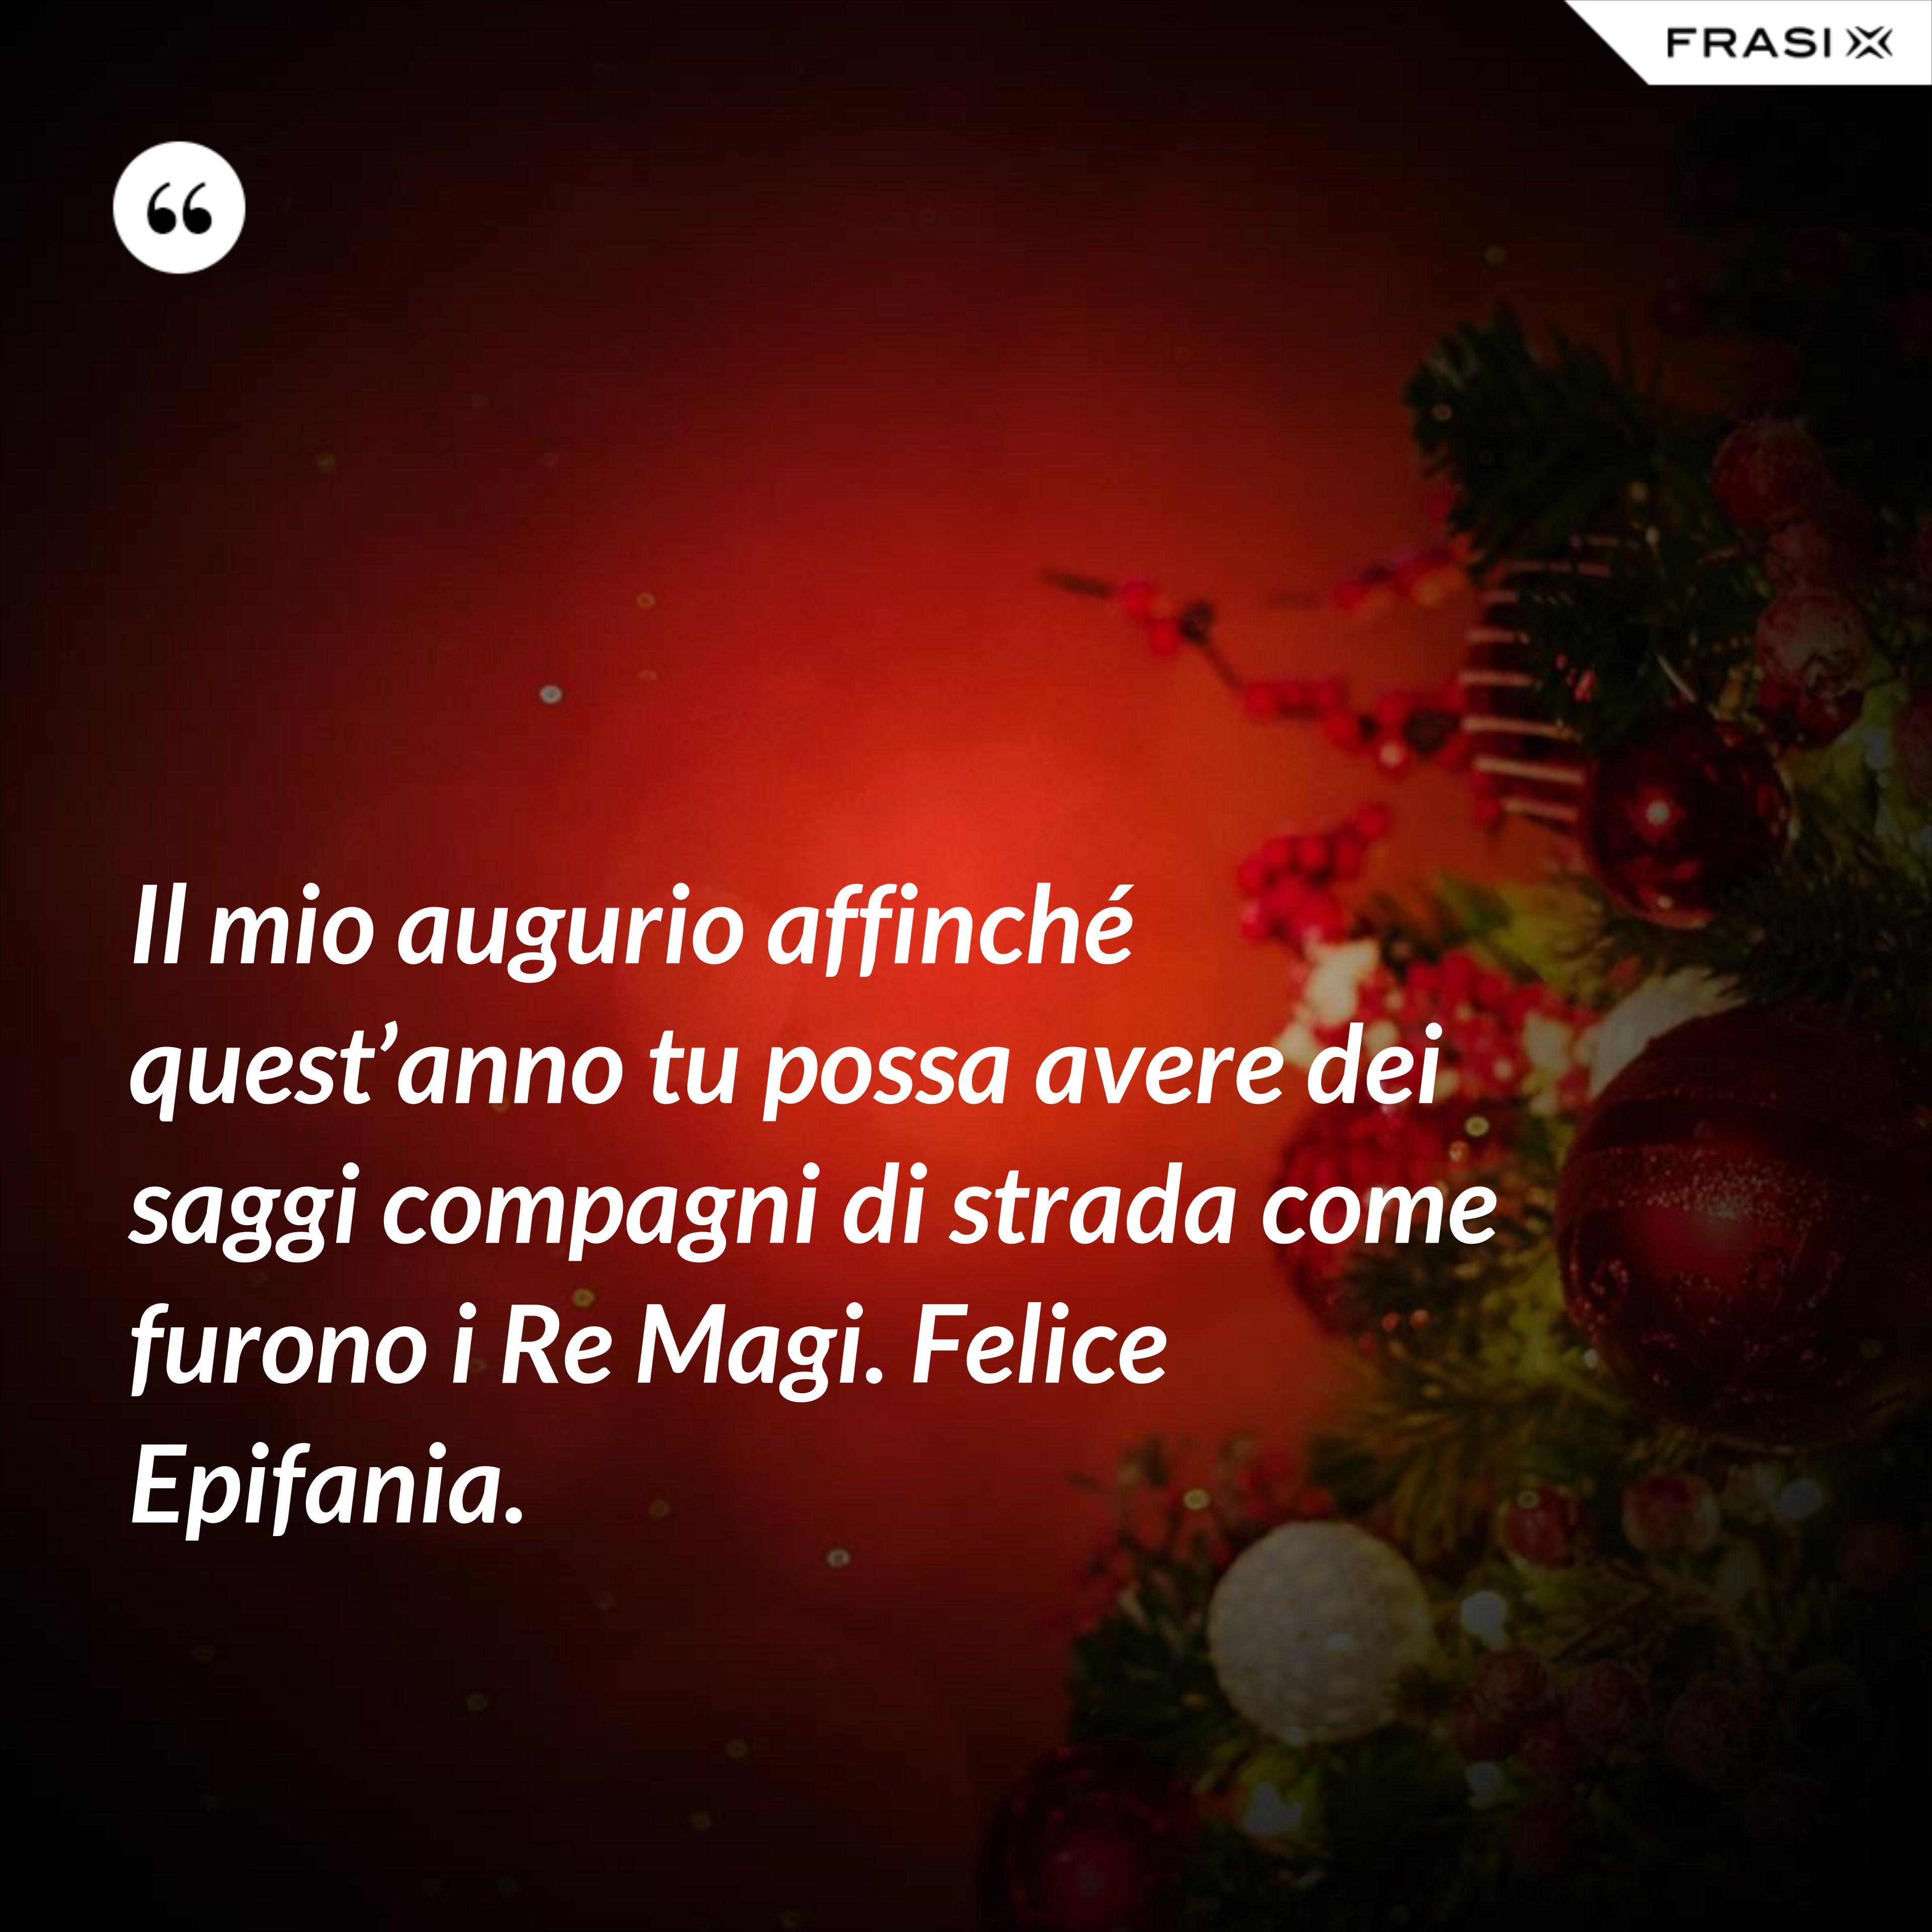 Il mio augurio affinché quest'anno tu possa avere dei saggi compagni di strada come furono i Re Magi. Felice Epifania. - Anonimo